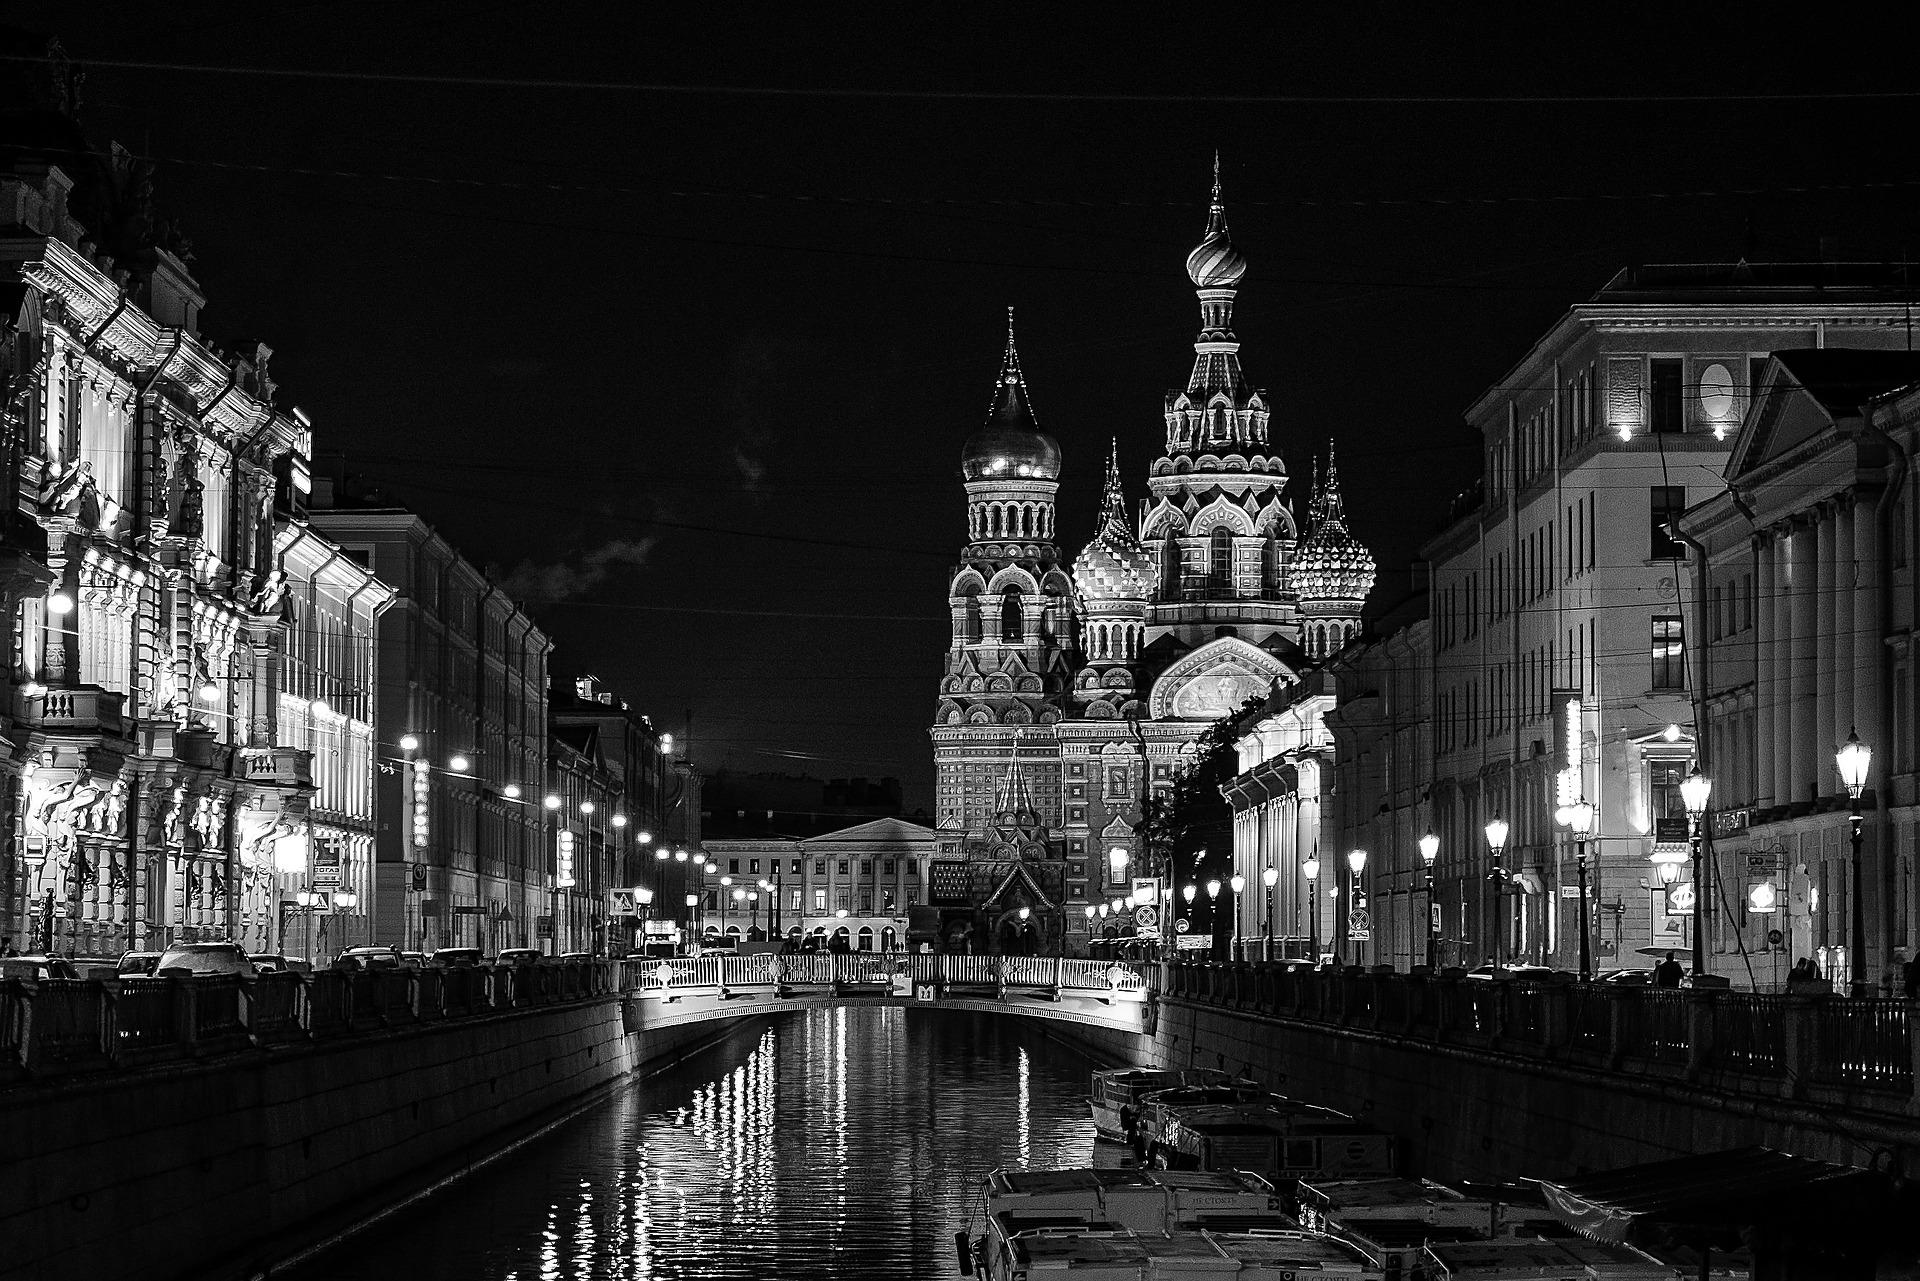 Por qué estudiar ruso?